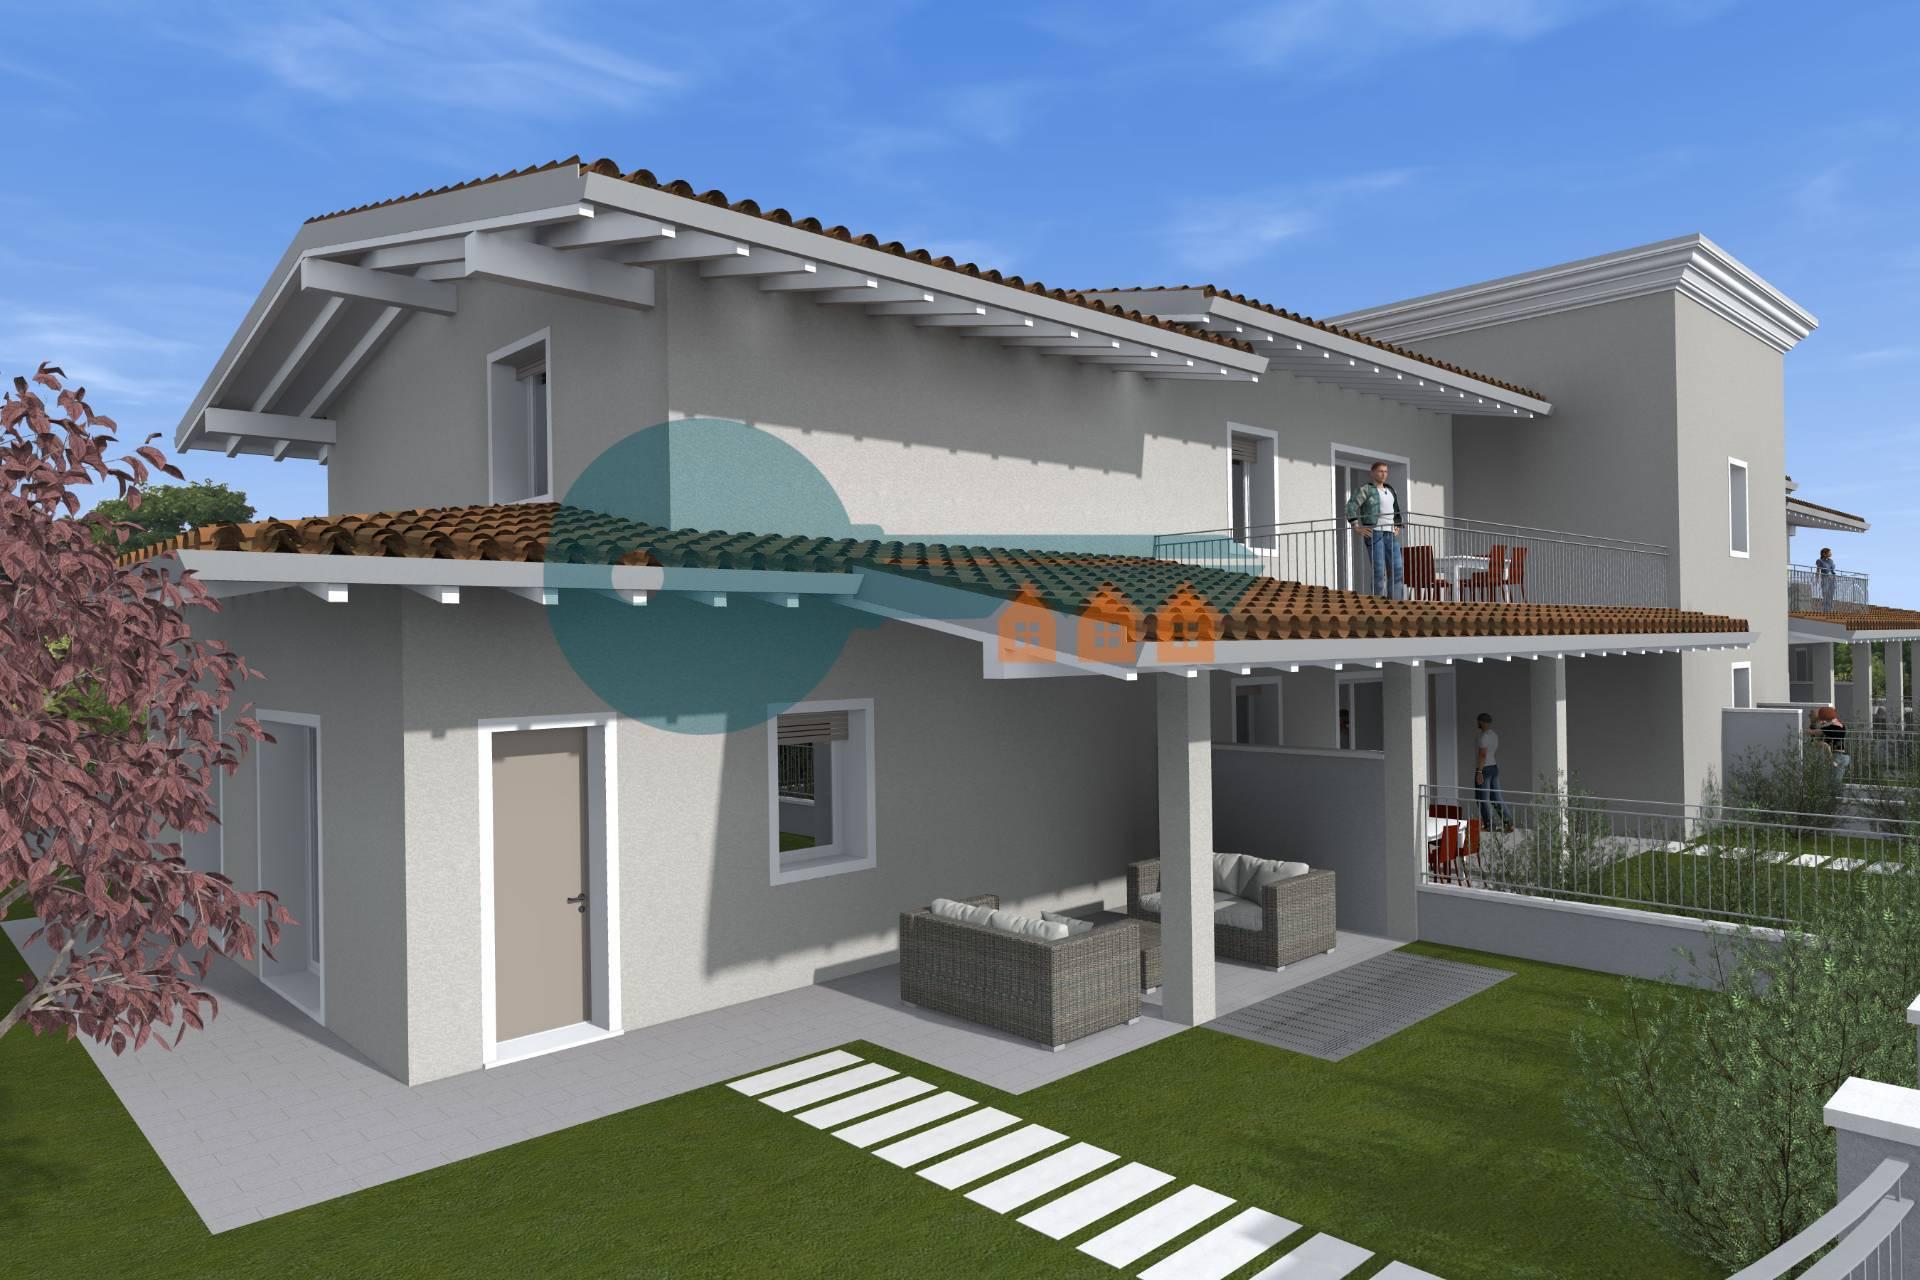 Appartamento in vendita a Mazzano, 4 locali, zona netto, prezzo € 270.000 | PortaleAgenzieImmobiliari.it